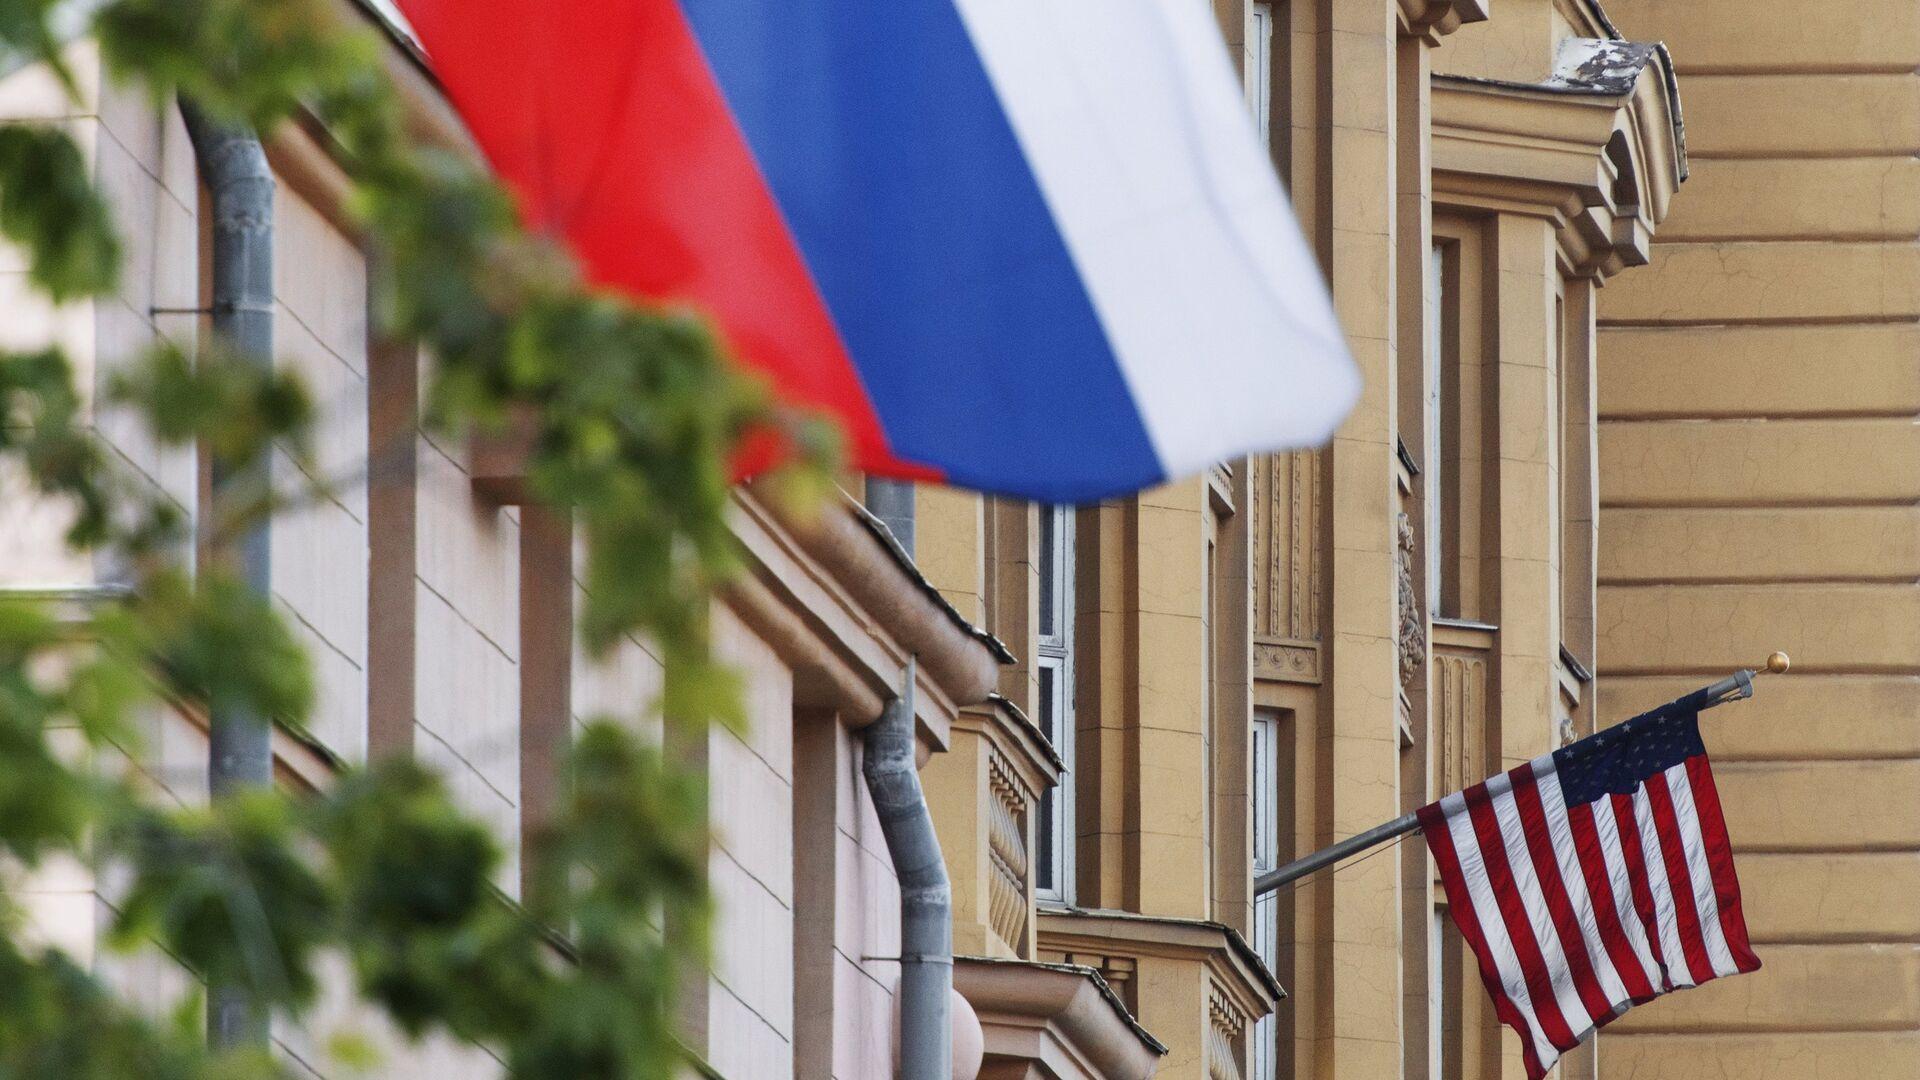 Banderas de EEUU y de Rusia en las proximidades de la Embajada de EEUU en Moscú. - Sputnik Mundo, 1920, 26.12.2020